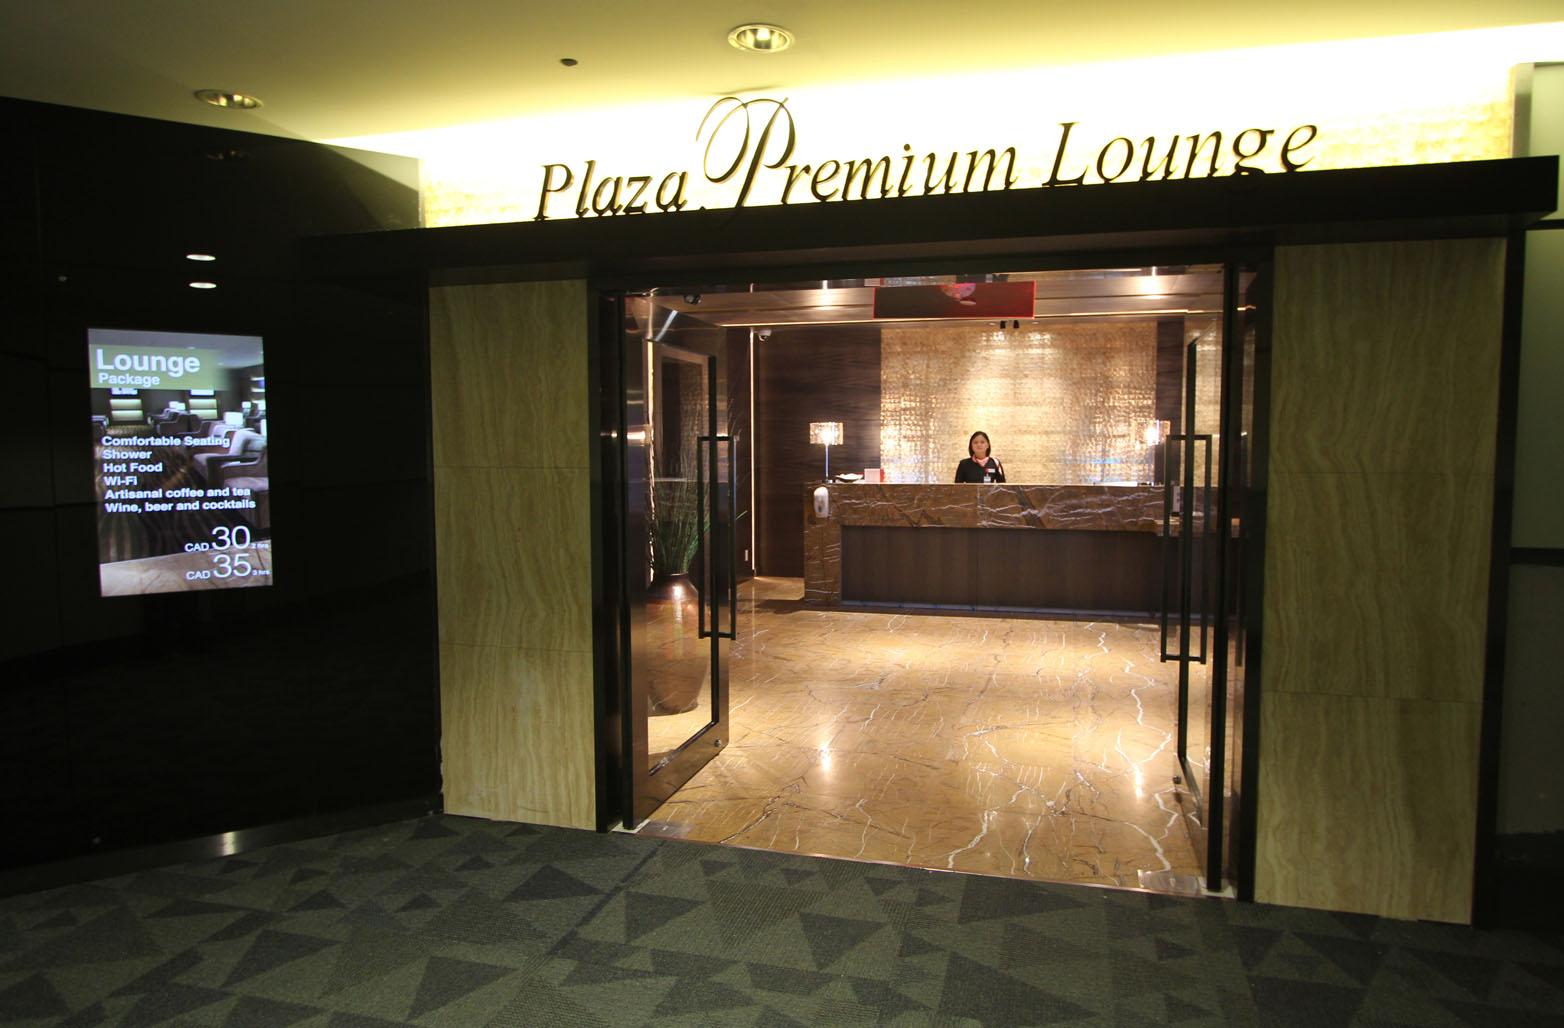 PLAZA PREMIUM LOUNGE PEARSON AIRPORT